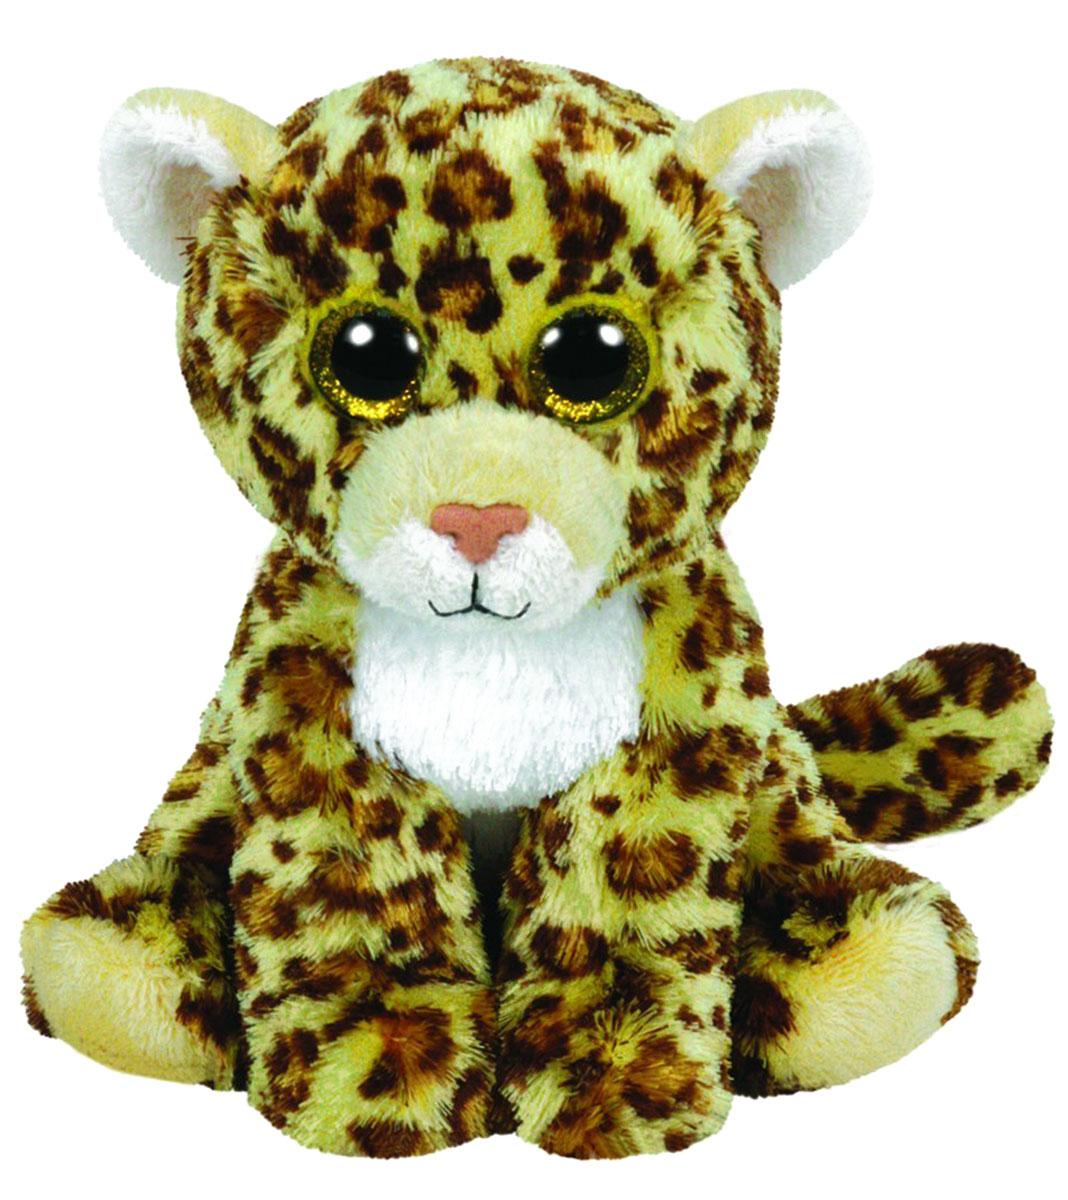 TY Мягкая игрушка Леопард Spotty 16 см42101Мягкая игрушка Леопард Spotty не оставит вас равнодушным и вызовет улыбку у каждого, кто ее увидит. Игрушка изготовлена из безопасных, приятных на ощупь материалов в виде милого леопарда с большими глазками и ярким окрасом. Глазки и нос игрушки выполнены из пластика. Пластиковые гранулы, используемые при набивке игрушки, способствуют развитию мелкой моторики рук ребенка. Симпатичная игрушка будет радовать вашего ребенка, а также способствовать полноценному и гармоничному развитию его личности. Это отличный подарок как для любого ребенка, так и взрослого человека!